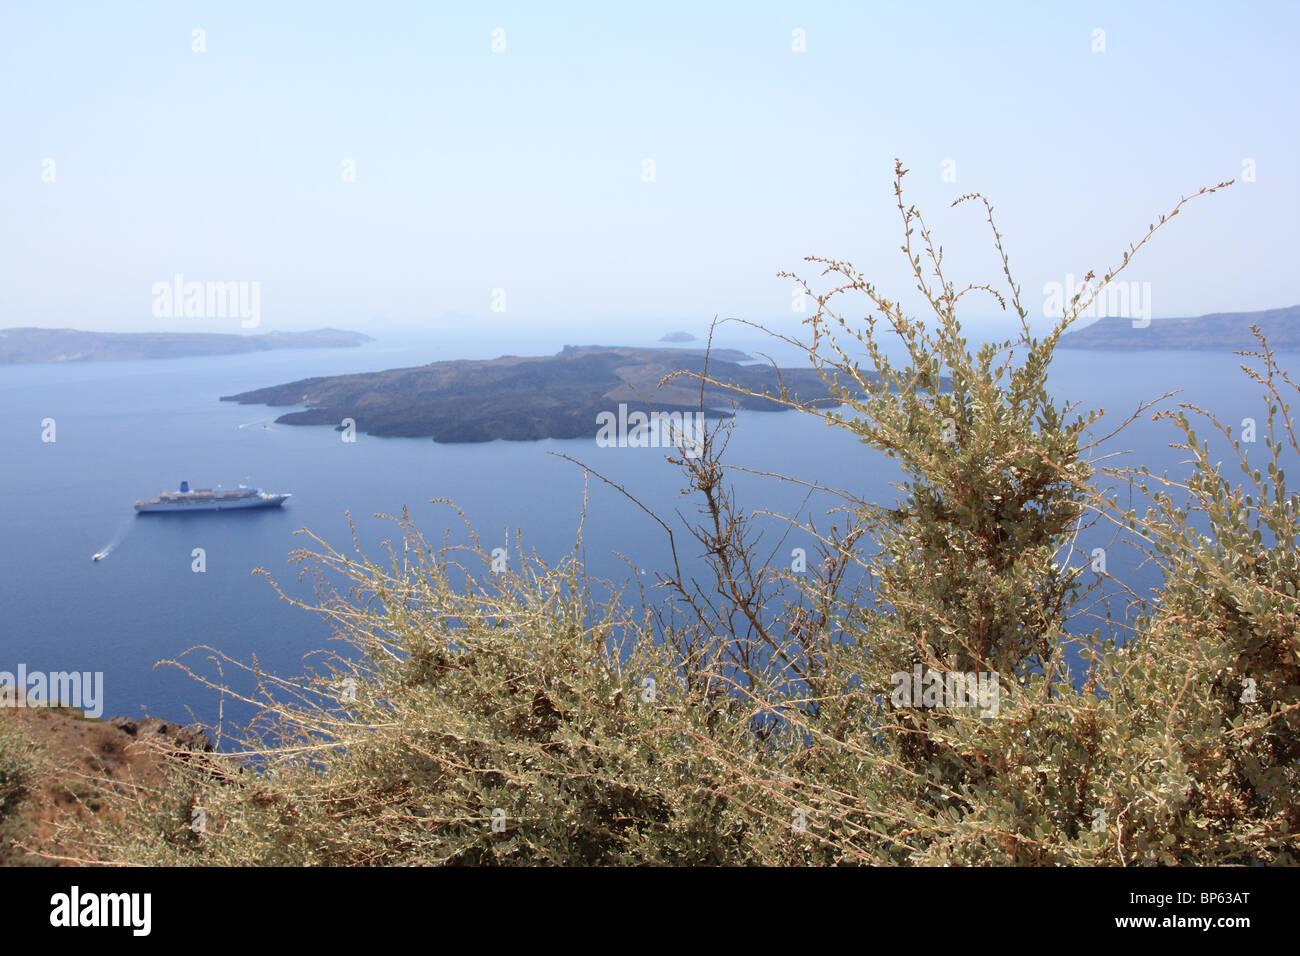 Cretean prickle on Caldera background, Santorini Crete, beautiful sea landscape - Stock Image